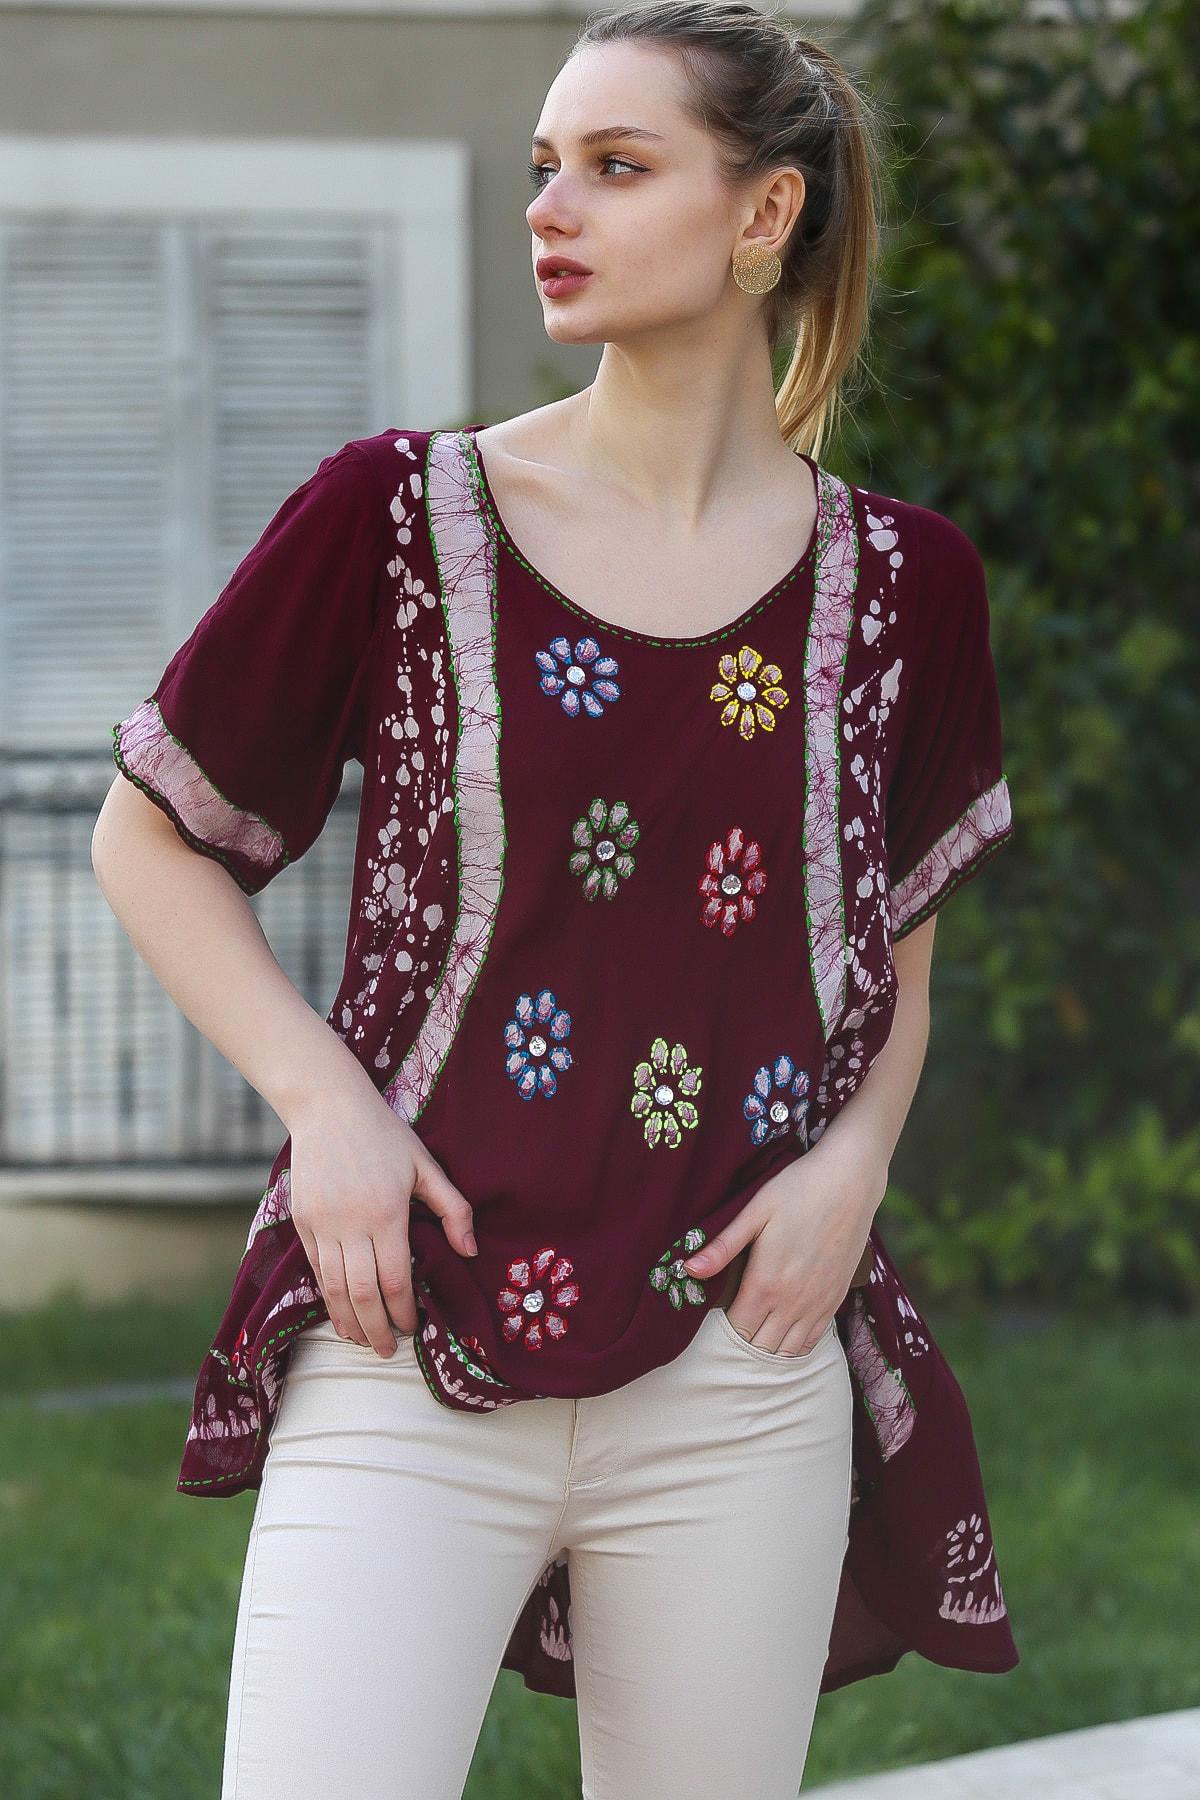 Chiccy Kadın Mürdüm U Yaka Çiçek Nakışlı Batik Desenli Salaş Tunik Bluz M10010200BL95380 0